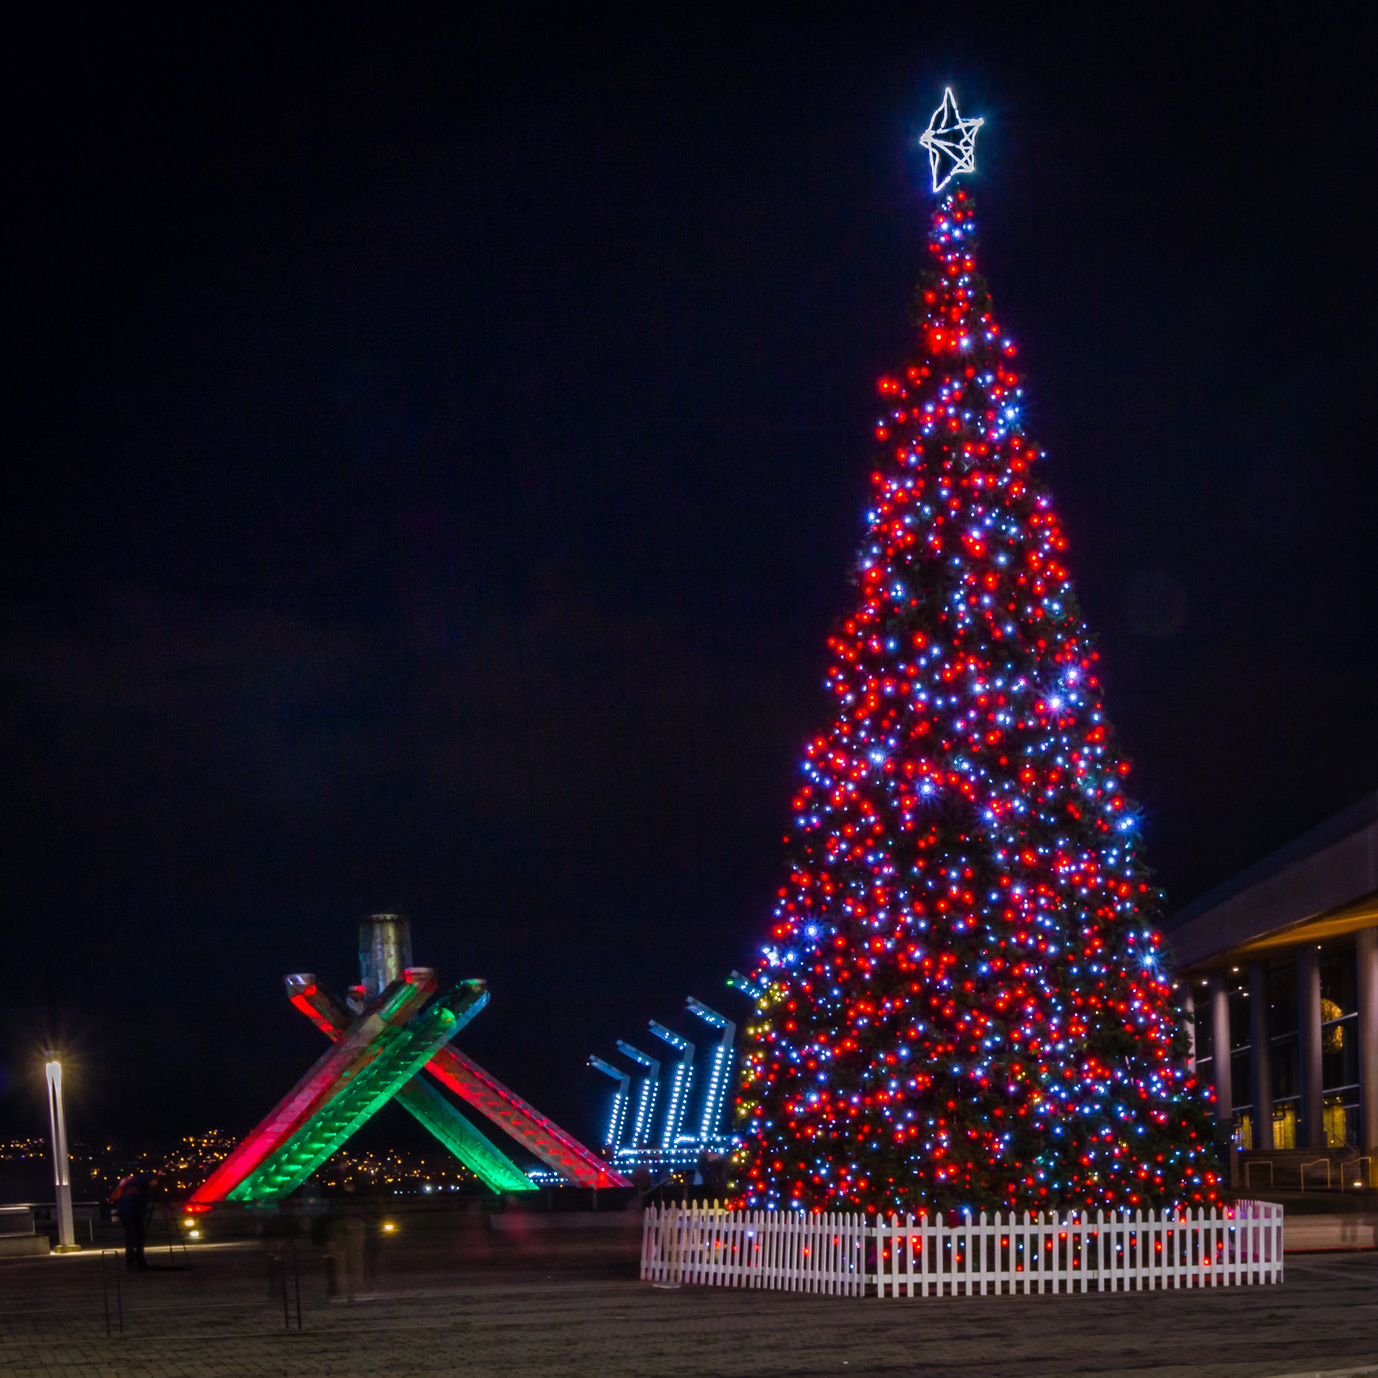 【大阪発】クリスマスイルミネーションバンクーバー5・6・7日【祭り】